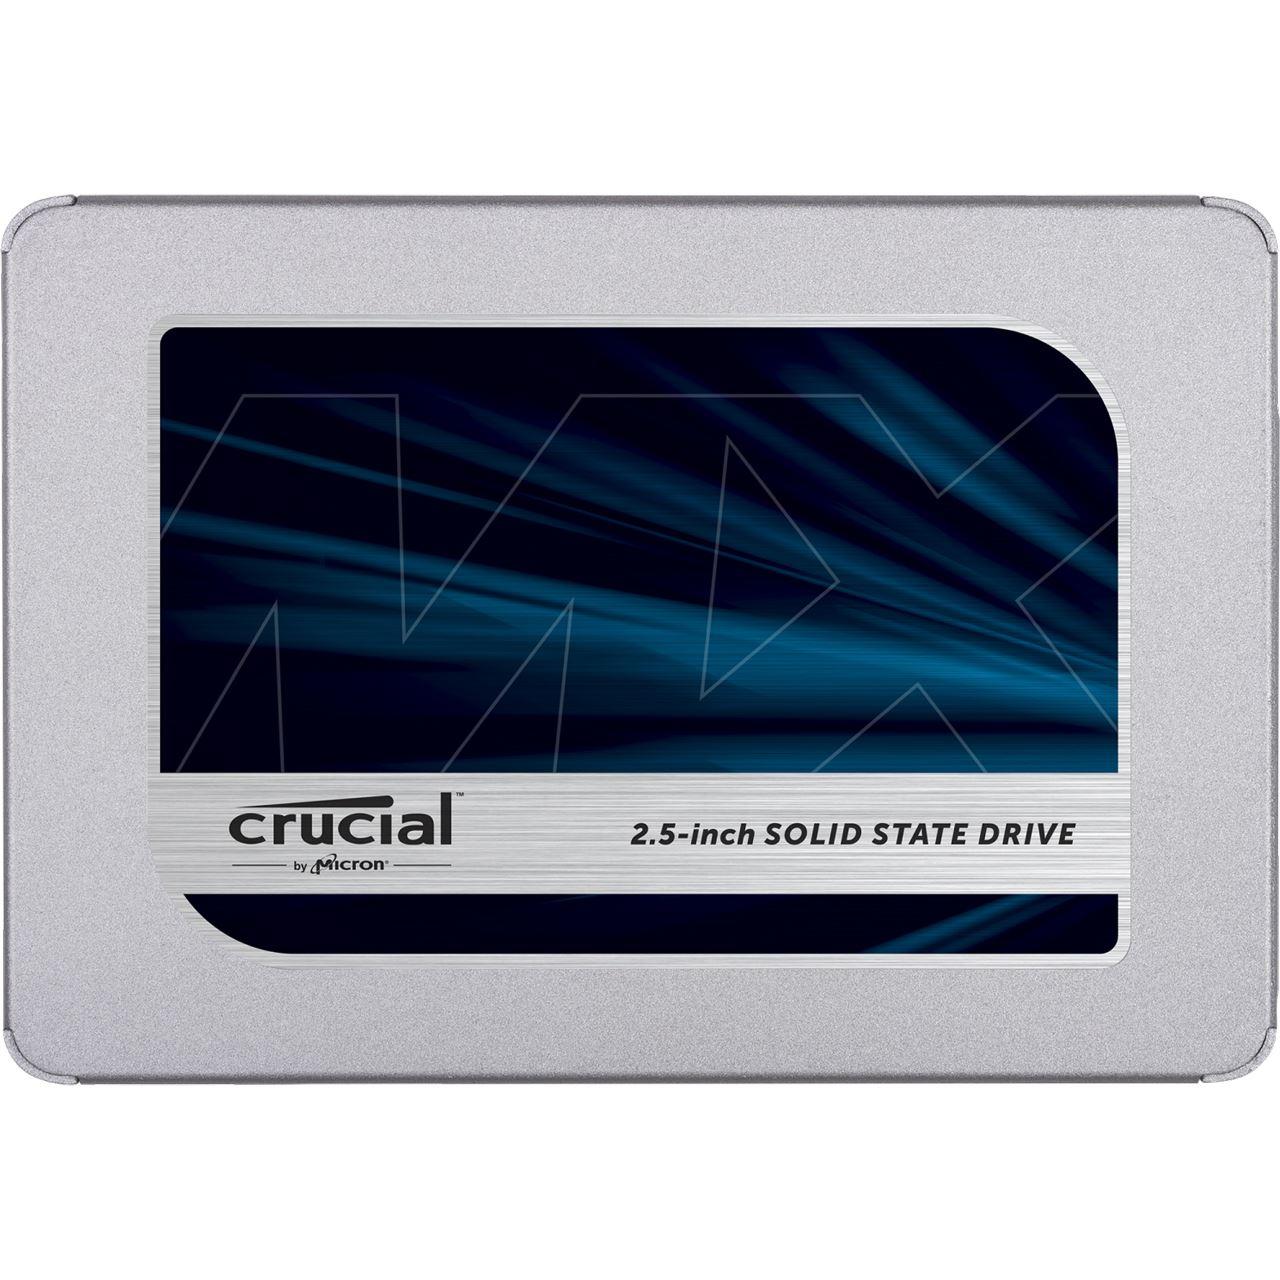 Crucial MX500 1TB SSD für 89,80€ inkl. Versandkosten [Mindfactory]